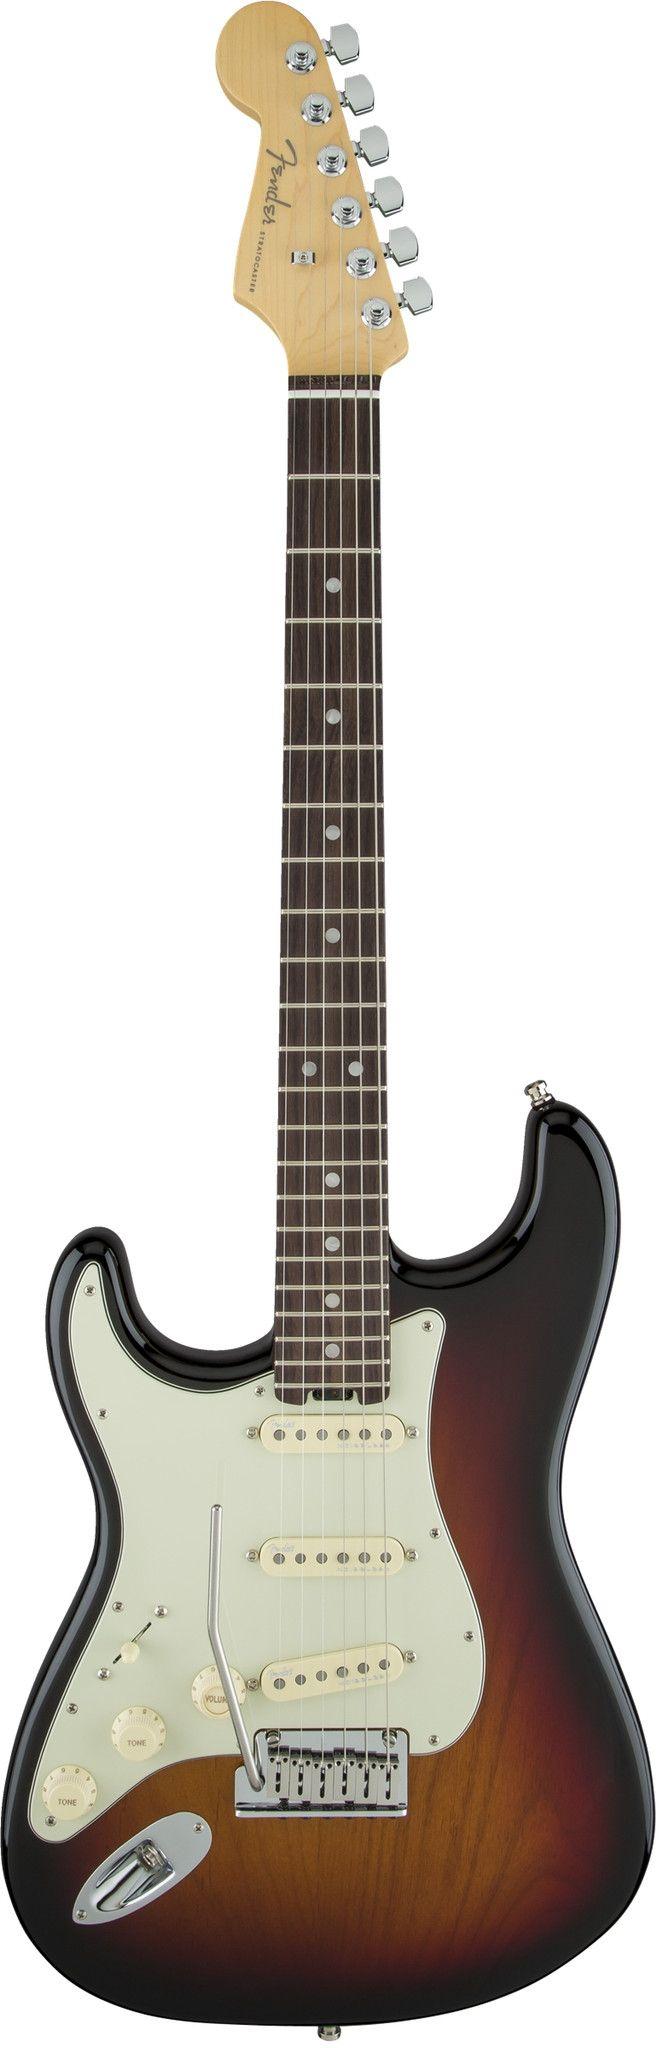 Ziemlich Fender Strat Pickup Schaltplan 2002 Fotos - Schaltplan ...